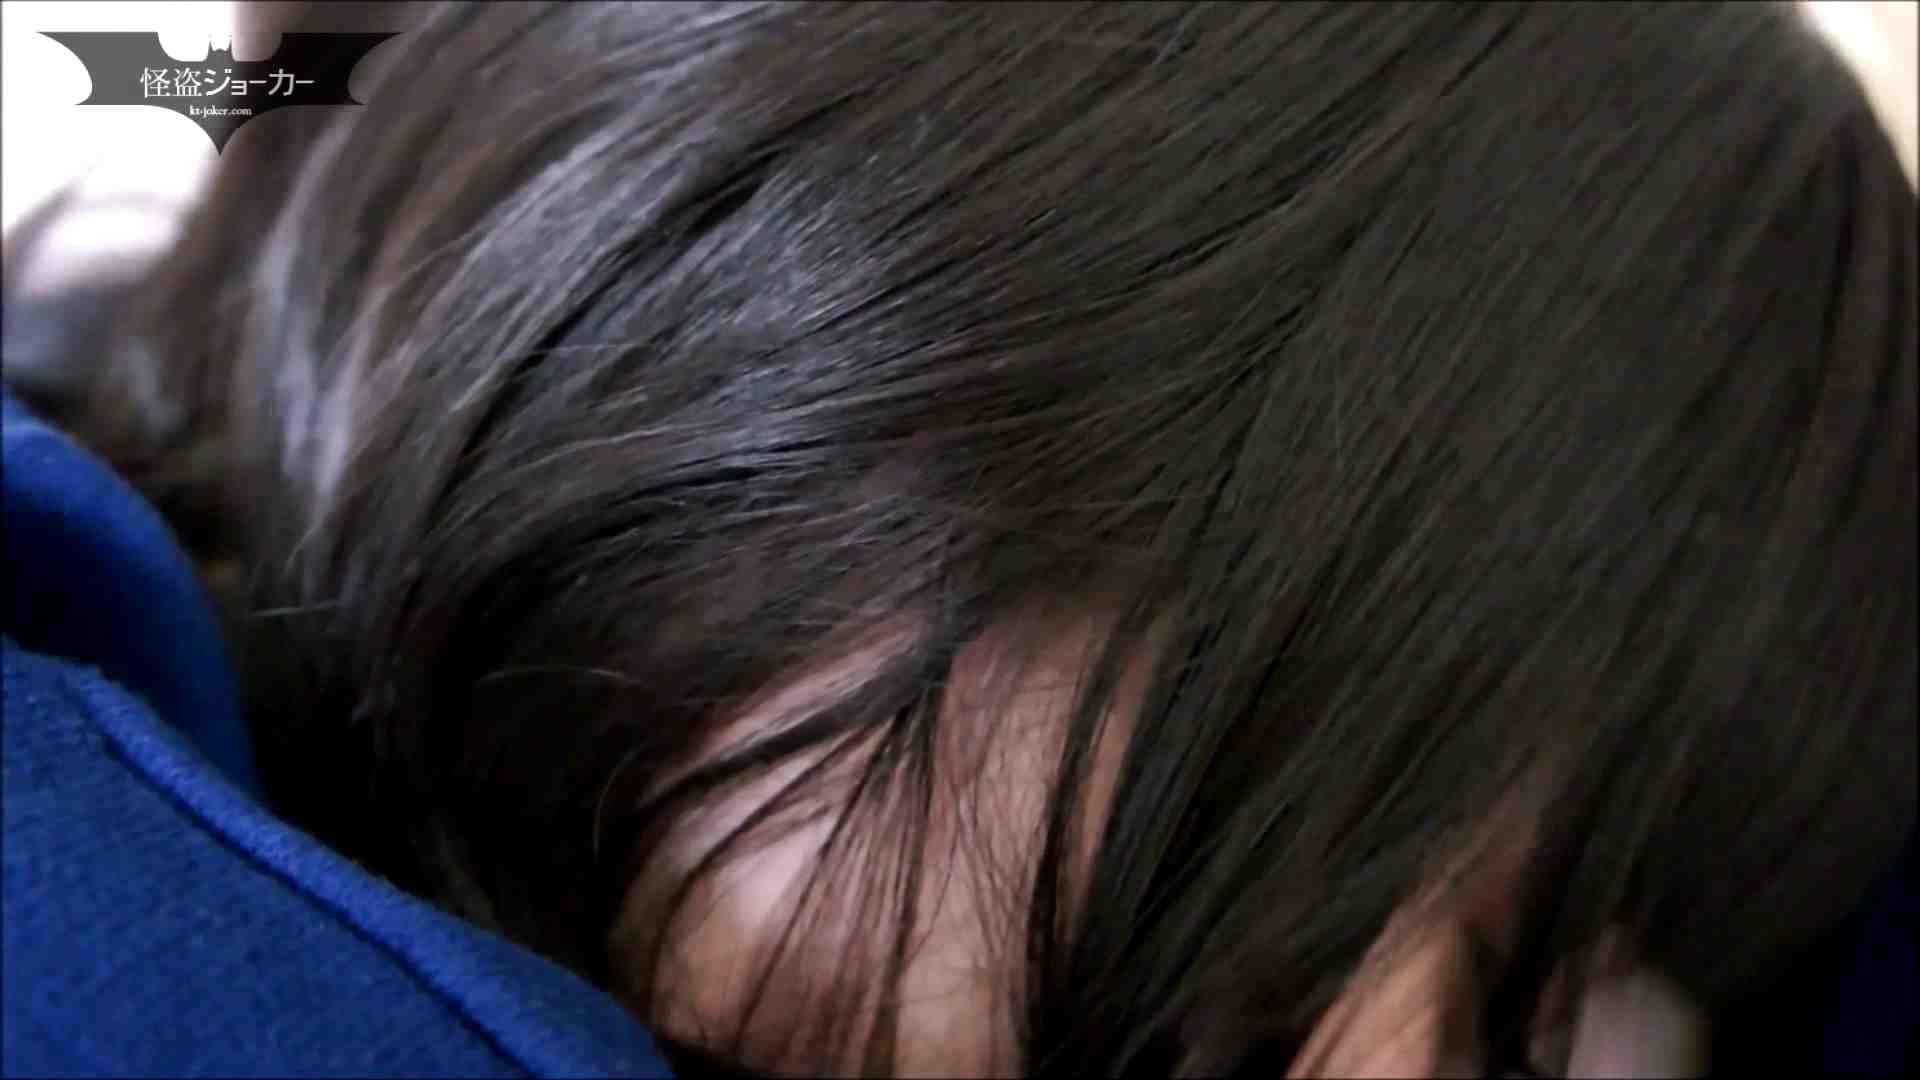 【未公開】vol.70【小春】レイカが目民る横で、、、親友の小春ちゃんをおかして。 おっぱい のぞき 93PIX 33